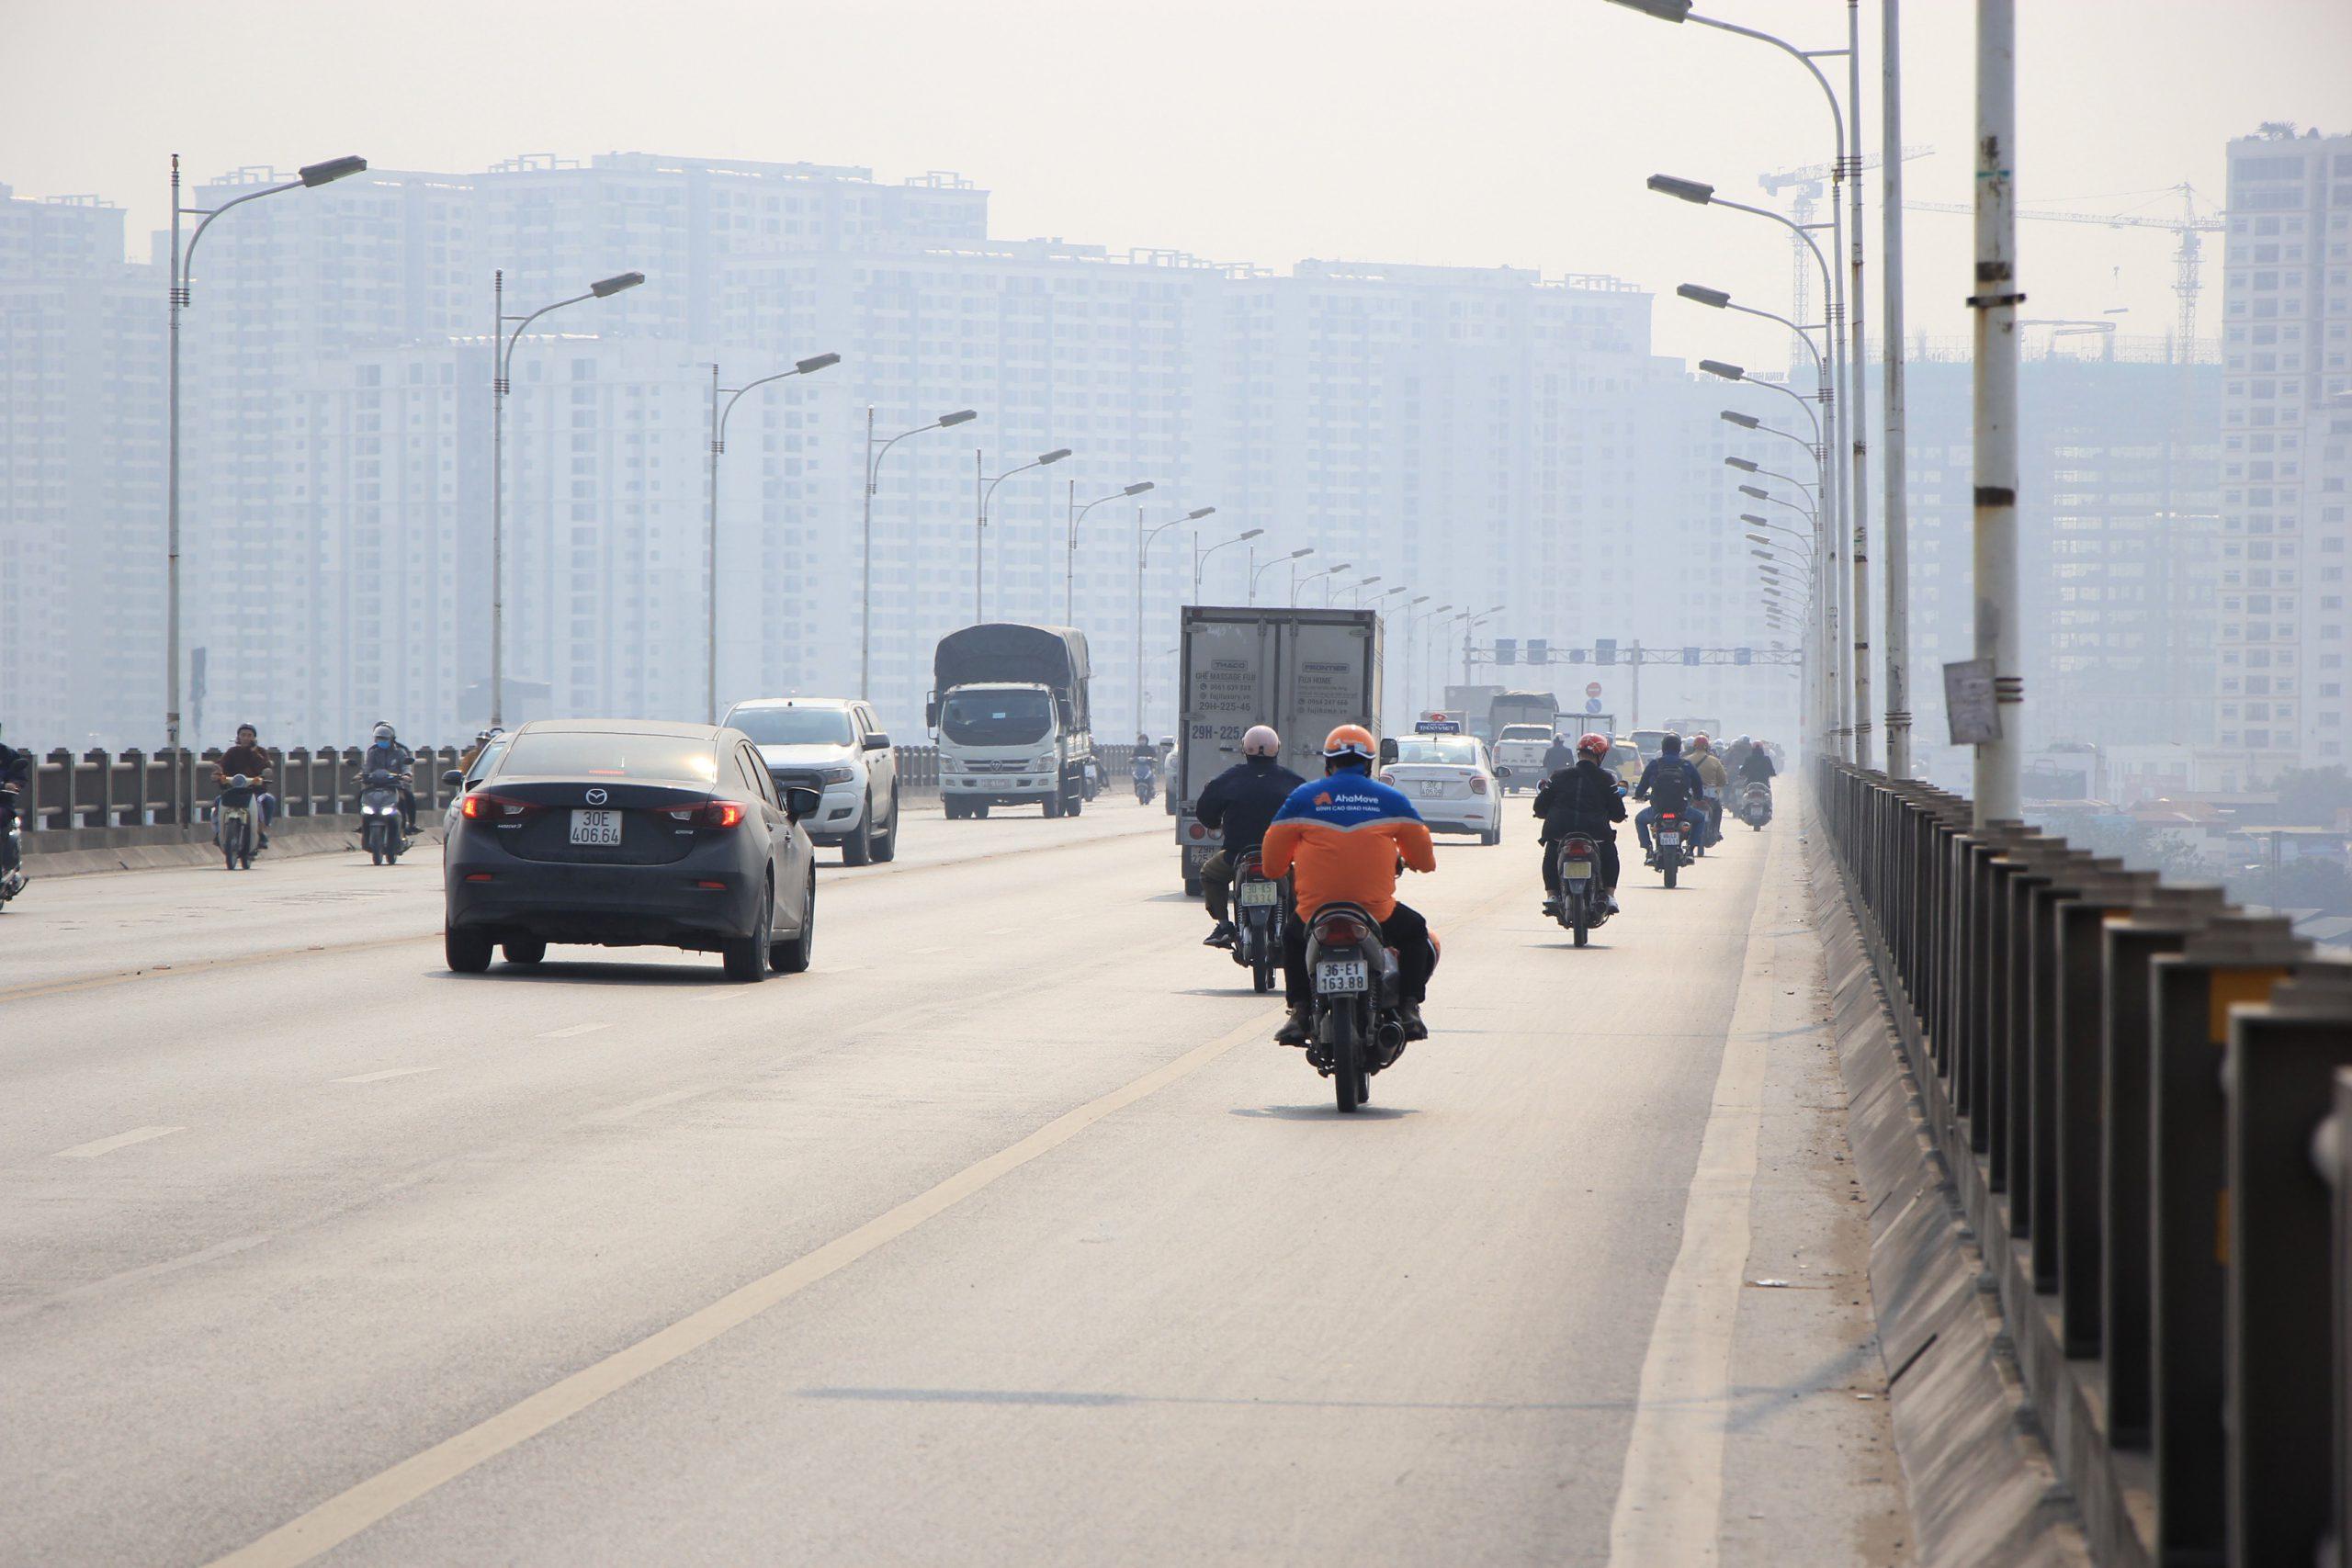 Cầu Vĩnh Tuy hiện nay không đáp ứng được hết lưu lượng giao thông trong ngày cao điểm.